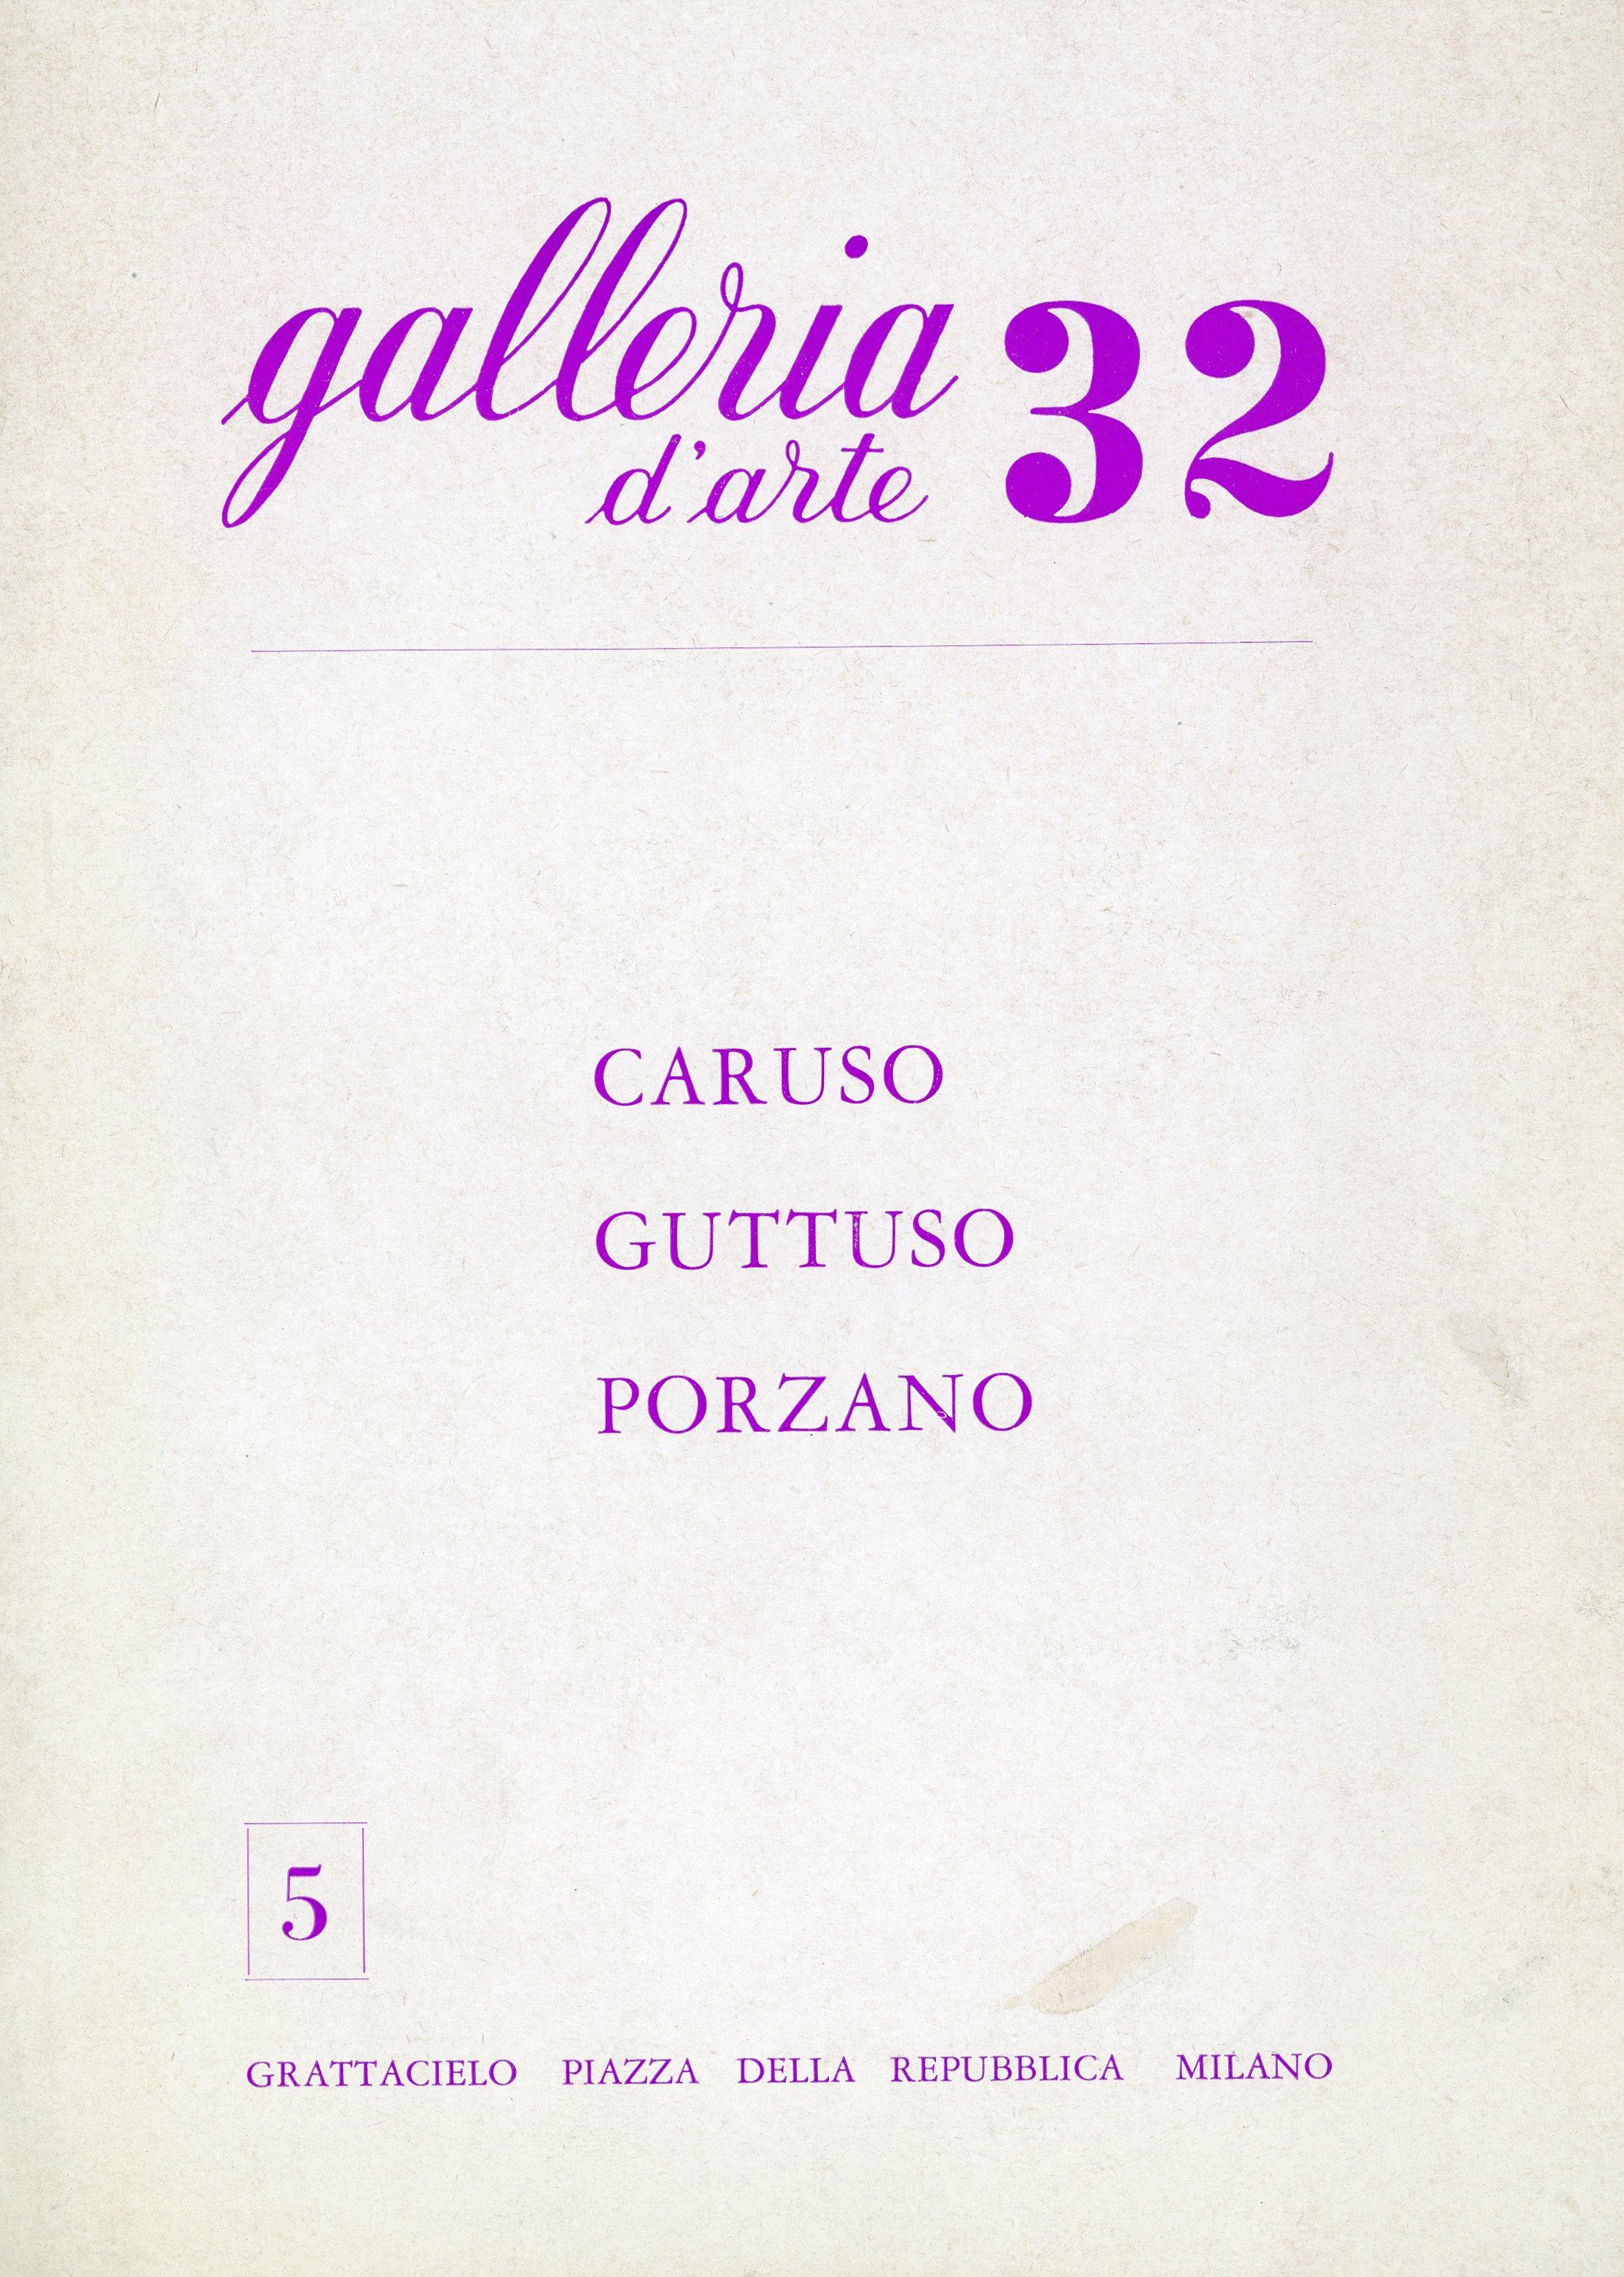 1964-02 Galleria 32 - Bruno Caruso_01.jpg